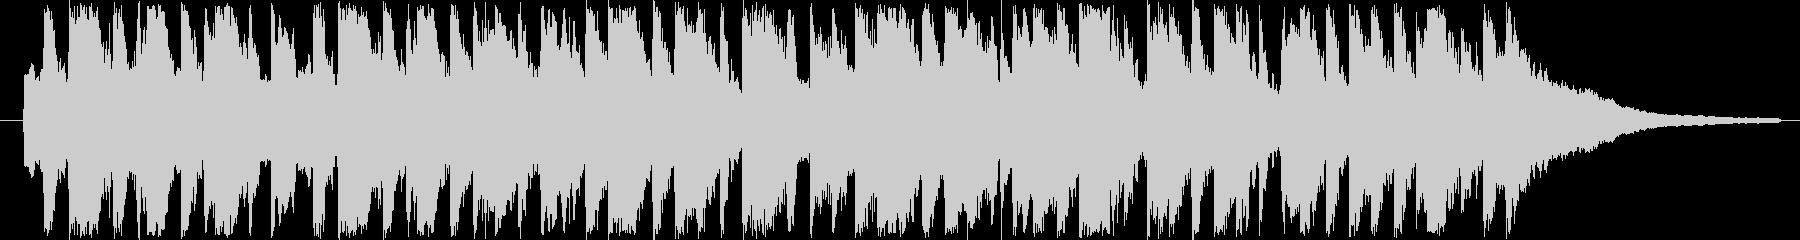 30秒CM用BGM(可愛らしいワルツ)の未再生の波形